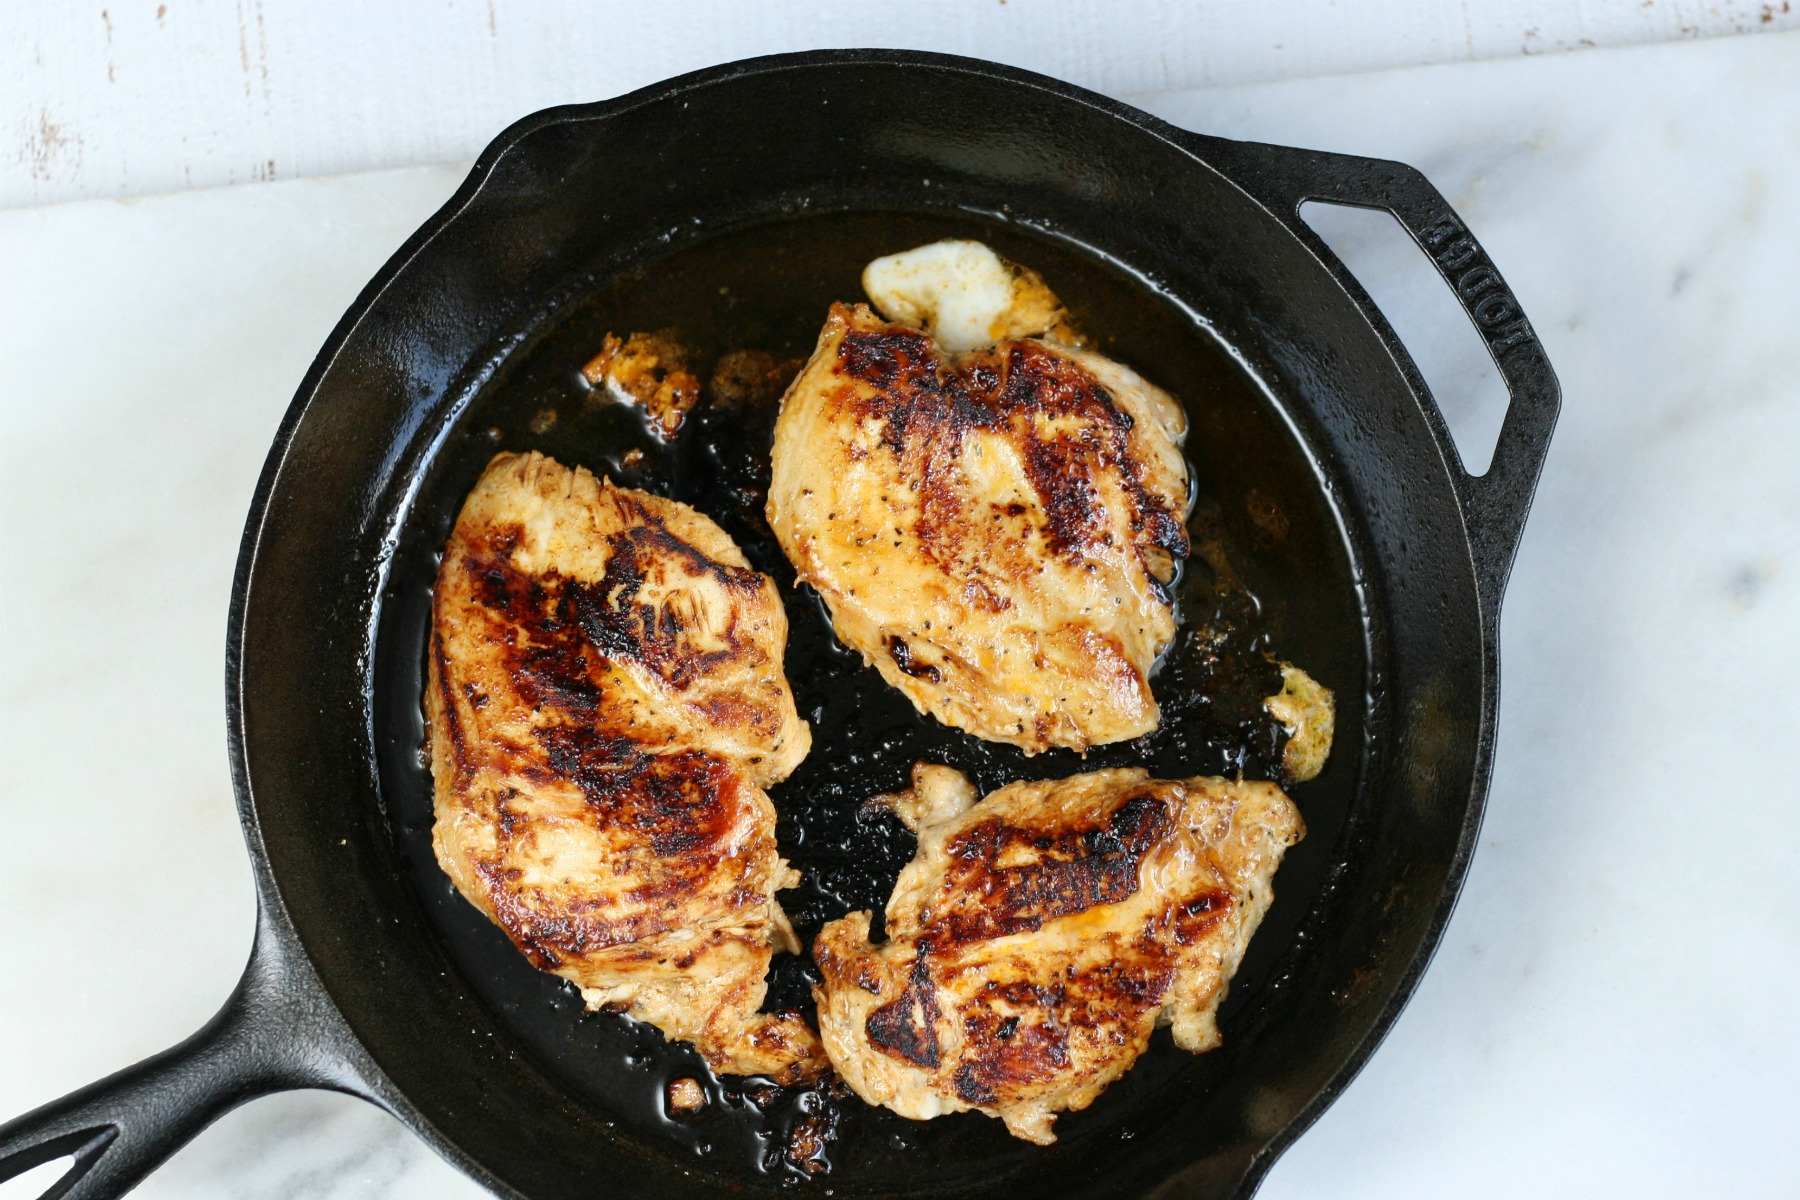 grilled chicken in cast iron skillet.